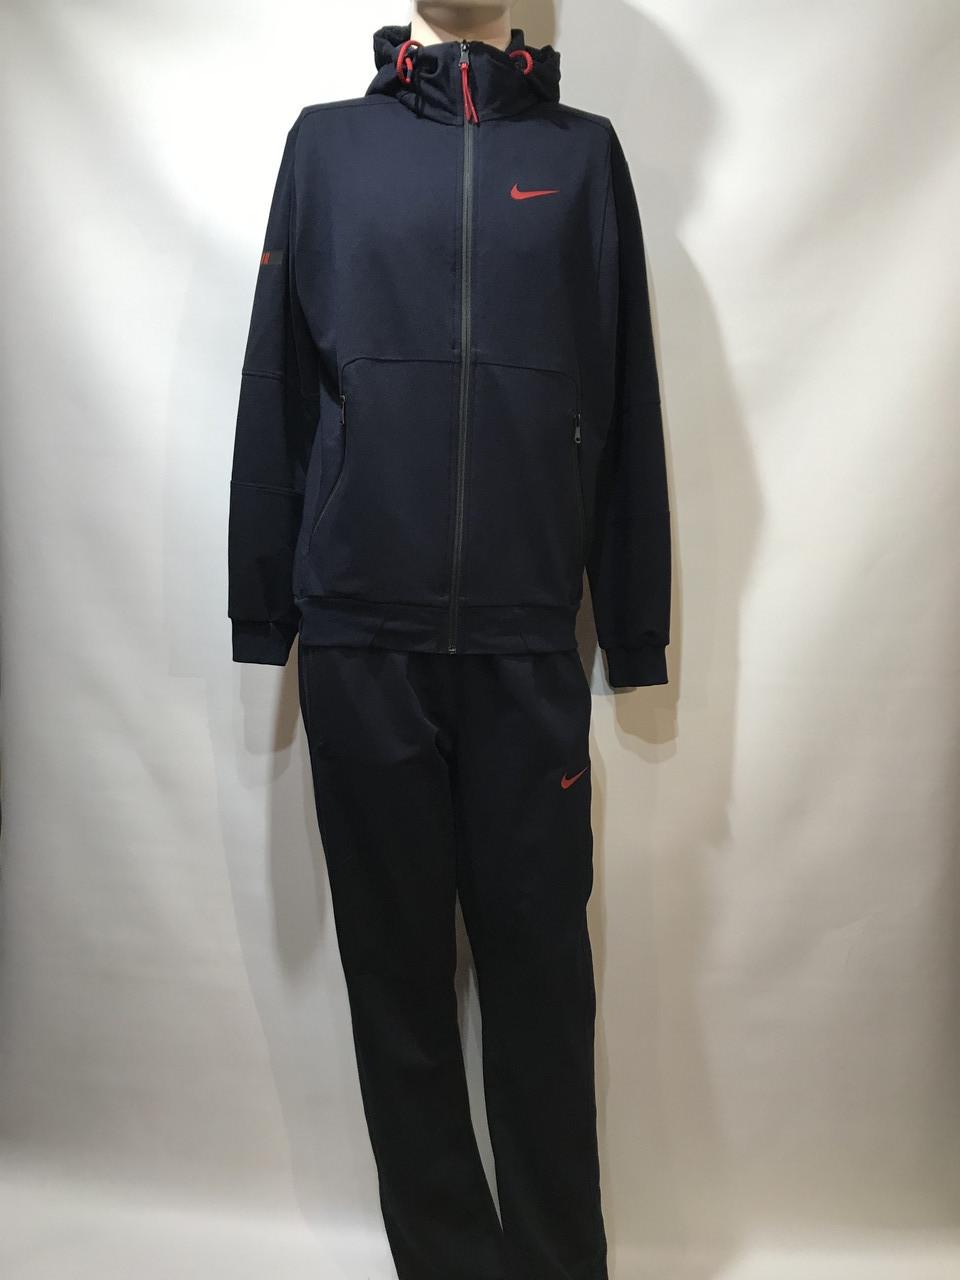 Мужской спортивный костюм Nike (большой размер) / трикотажный / темно/синий